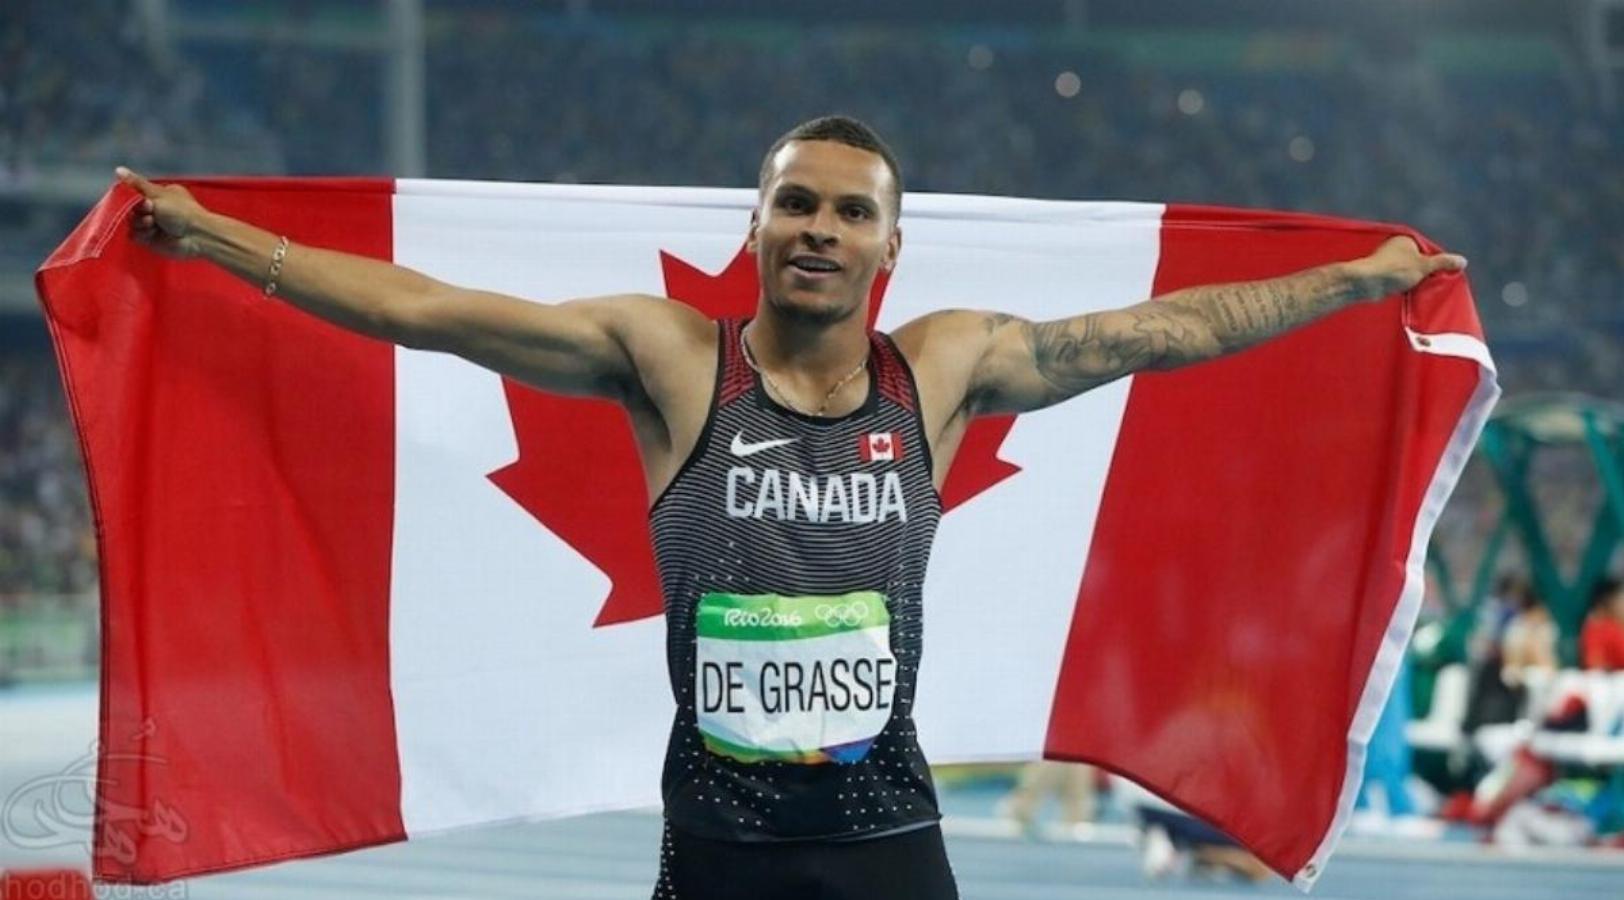 المپیک ریو و اولین مدال ورزشکاران مرد برای کانادا